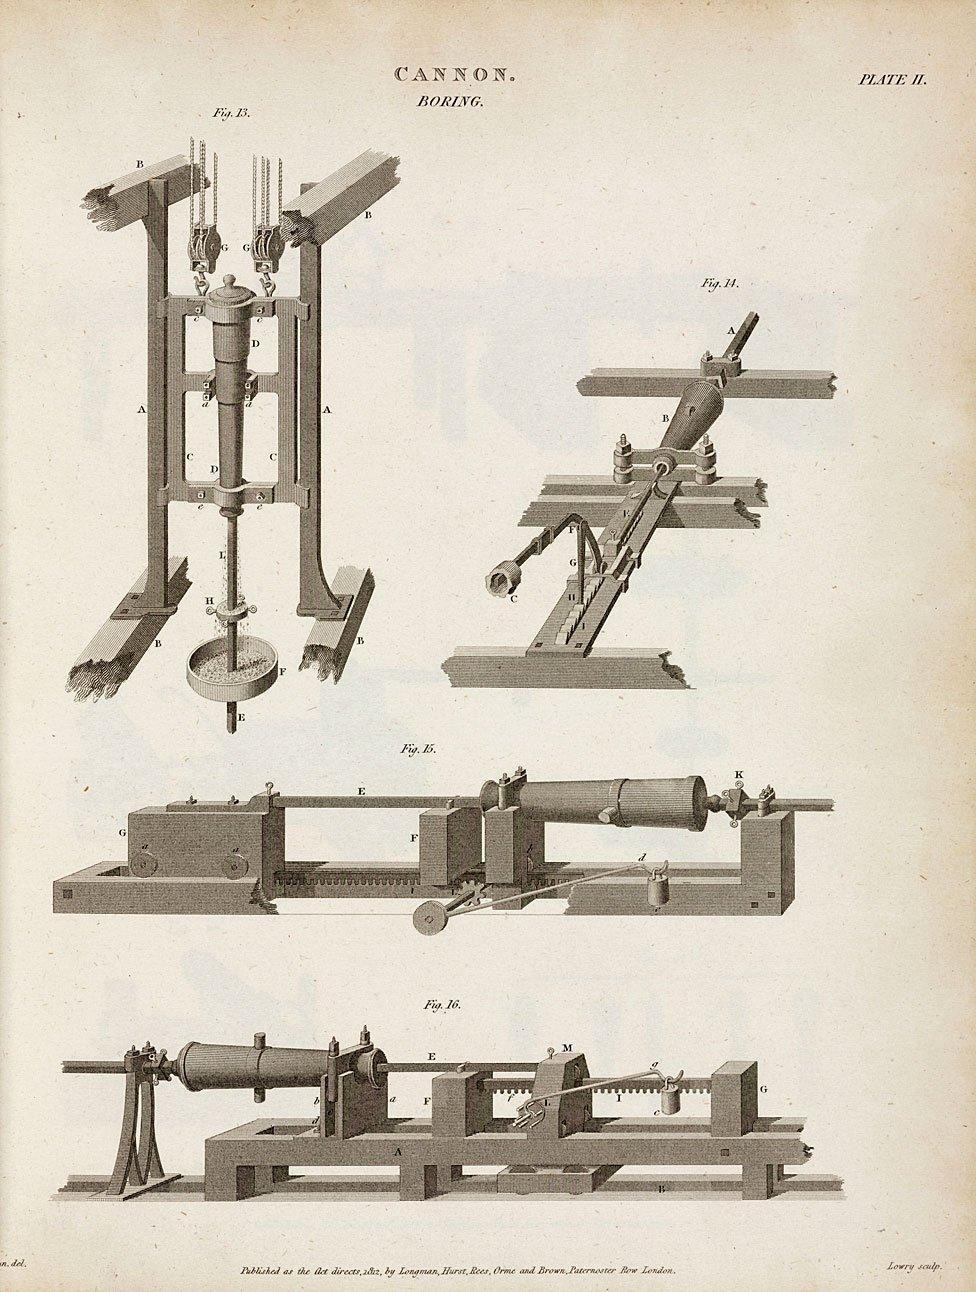 Una ilustración del equipo desarrollado y patentado por John Wilkinson para perforar el orificio central en los cañones